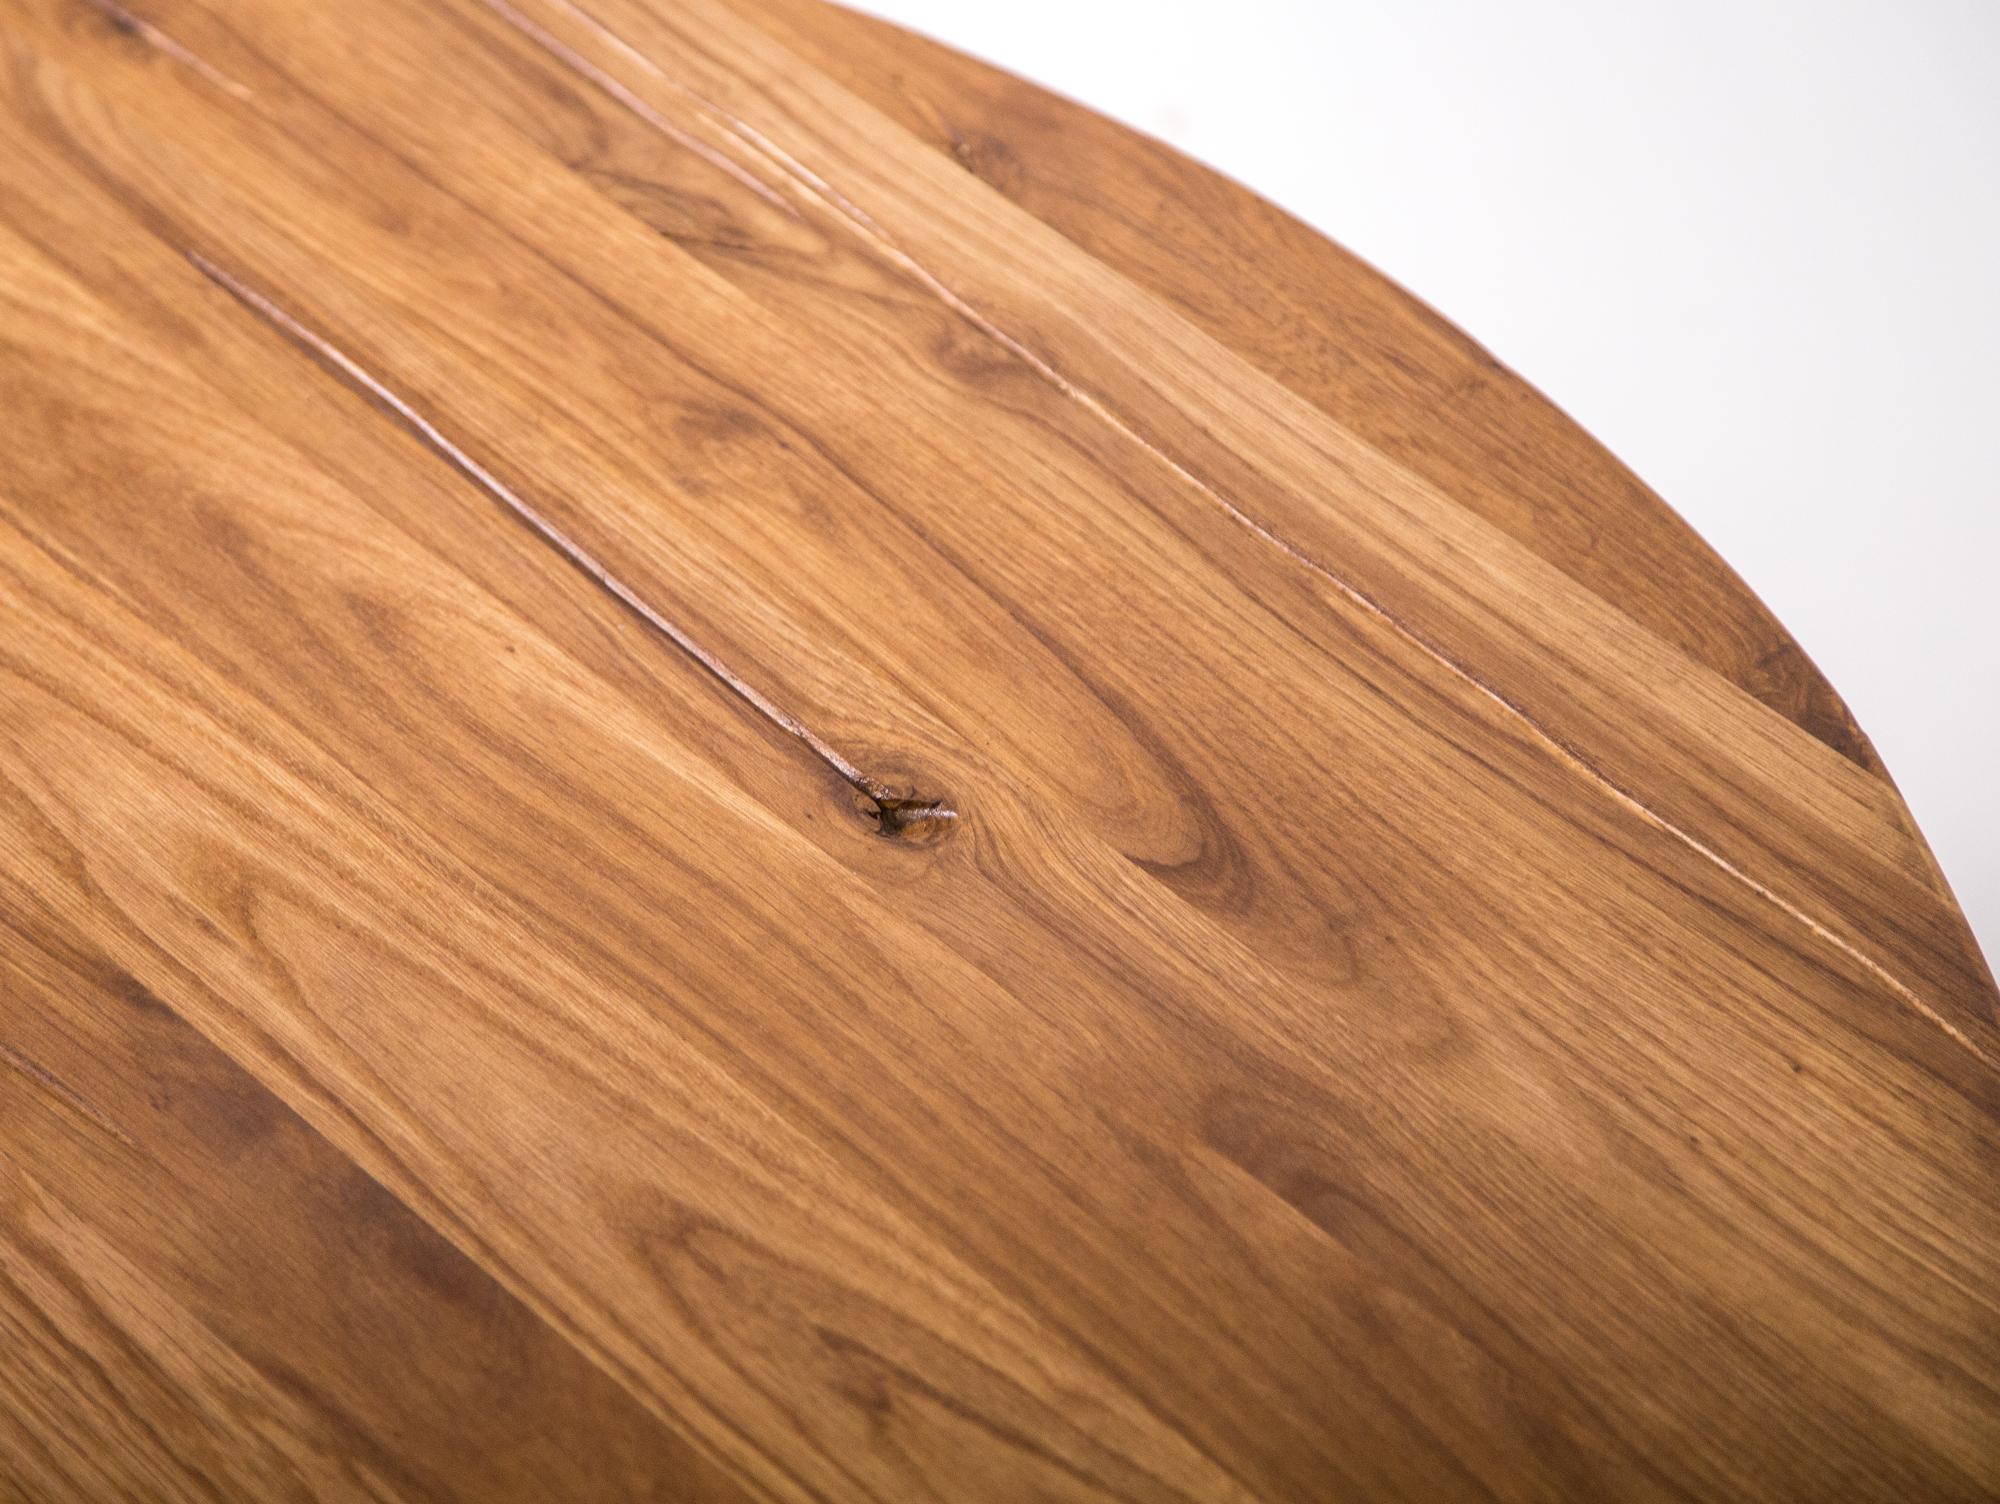 Washington couchtisch wildeiche ge lt mit holzplatte for Couchtisch mit holzplatte